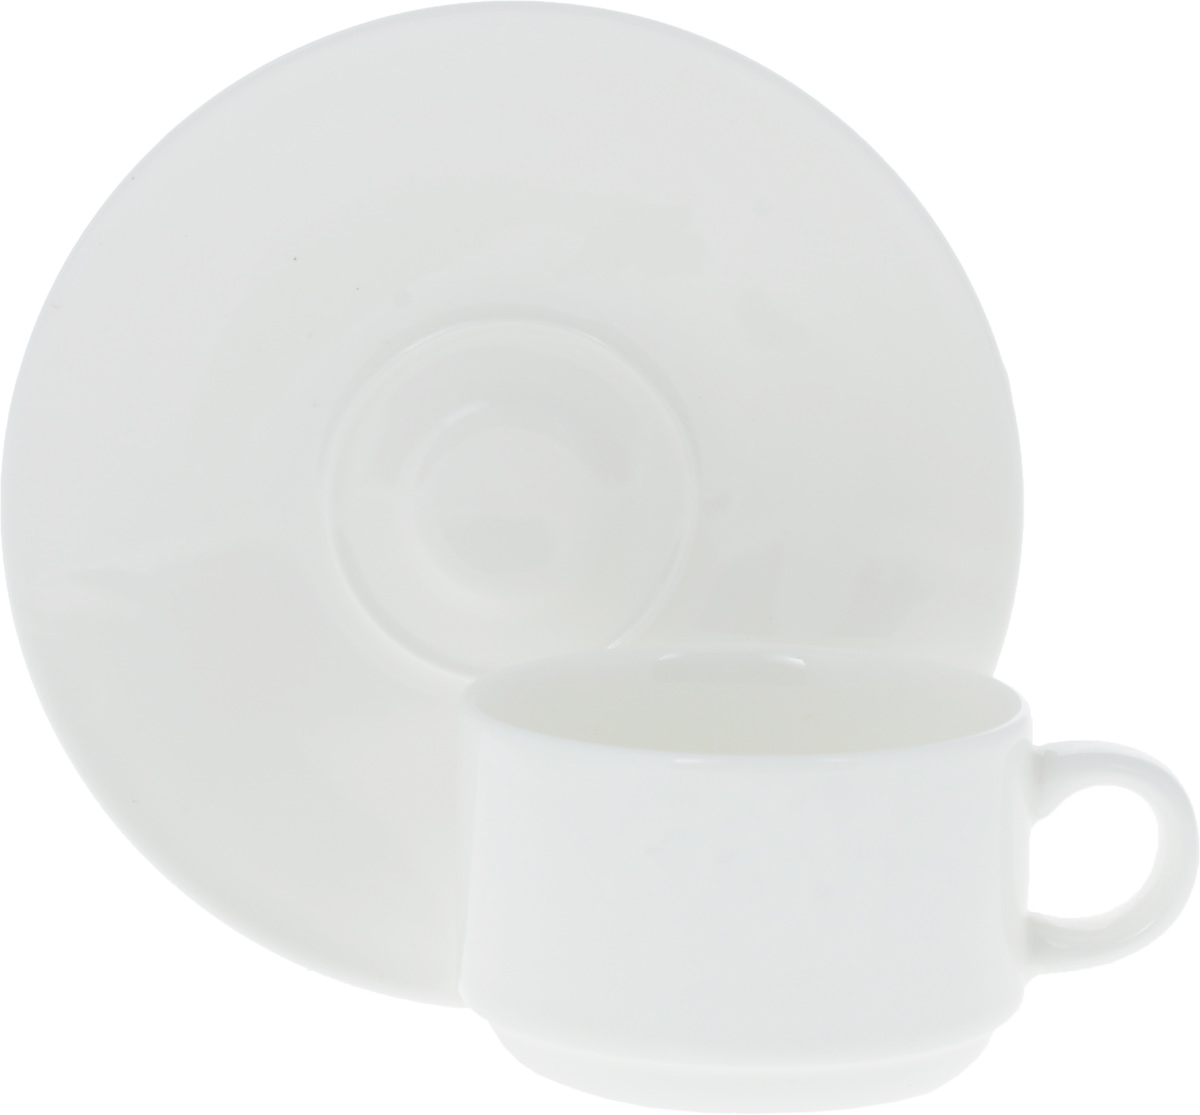 Кофейная пара Wilmax, 2 предмета. WL-993039 / ABVT-1520(SR)Кофейная пара Wilmax состоит из чашки и блюдца. Изделия выполнены из высококачественного фарфора, покрытого слоем глазури. Изделия имеют лаконичный дизайн, просты и функциональны в использовании. Кофейная пара Wilmax украсит ваш кухонный стол, а также станет замечательным подарком к любому празднику.Изделия можно мыть в посудомоечной машине и ставить в микроволновую печь.Объем чашки: 140 мл.Диаметр чашки (по верхнему краю): 7 см.Высота чашки: 5 см.Диаметр блюдца: 13 см.